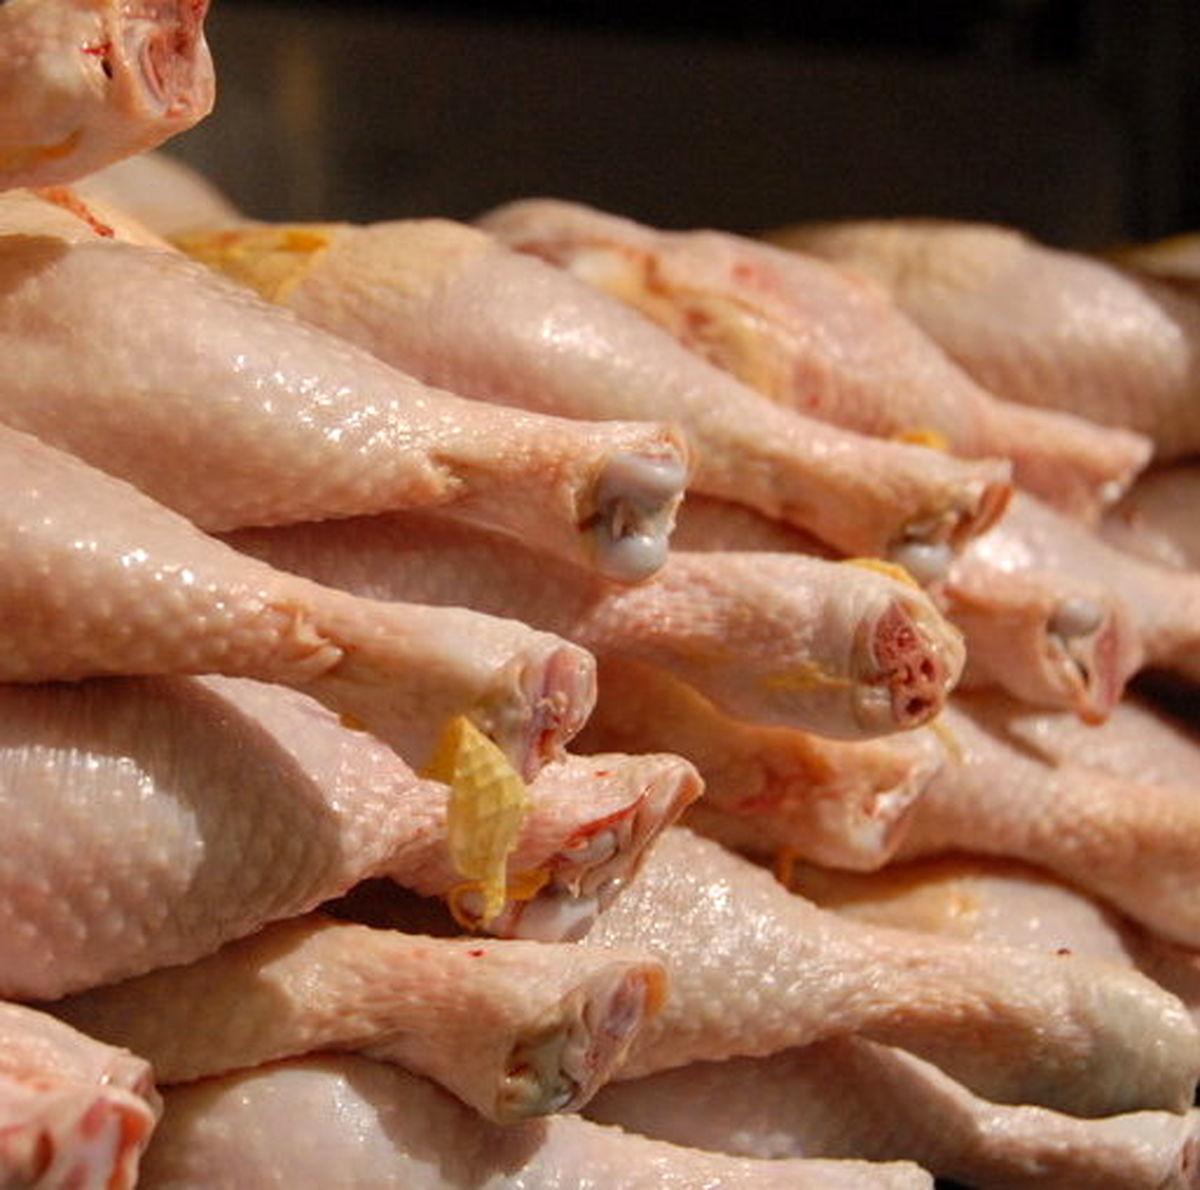 مرغ پُست میشود  | فروش مرغ به صورت پُستی خواهد شد؟